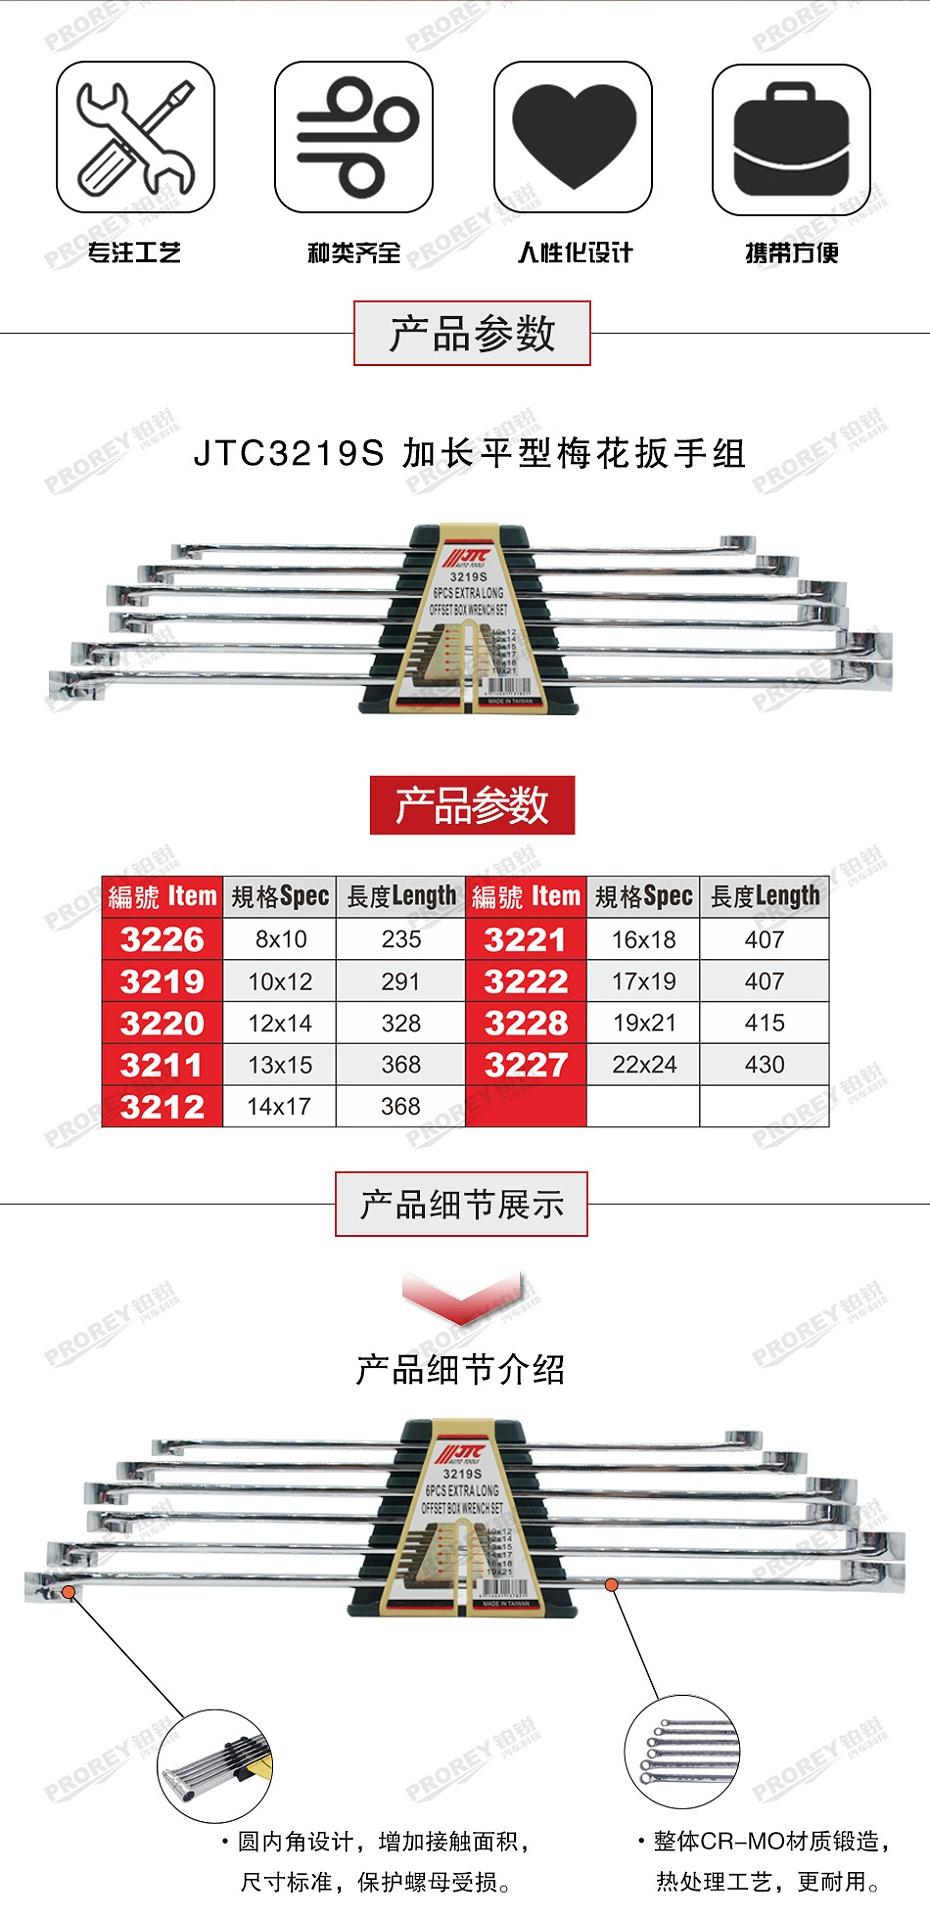 GW-130040757-JTC-3219s-加长平型梅花扳手组6PCS_02